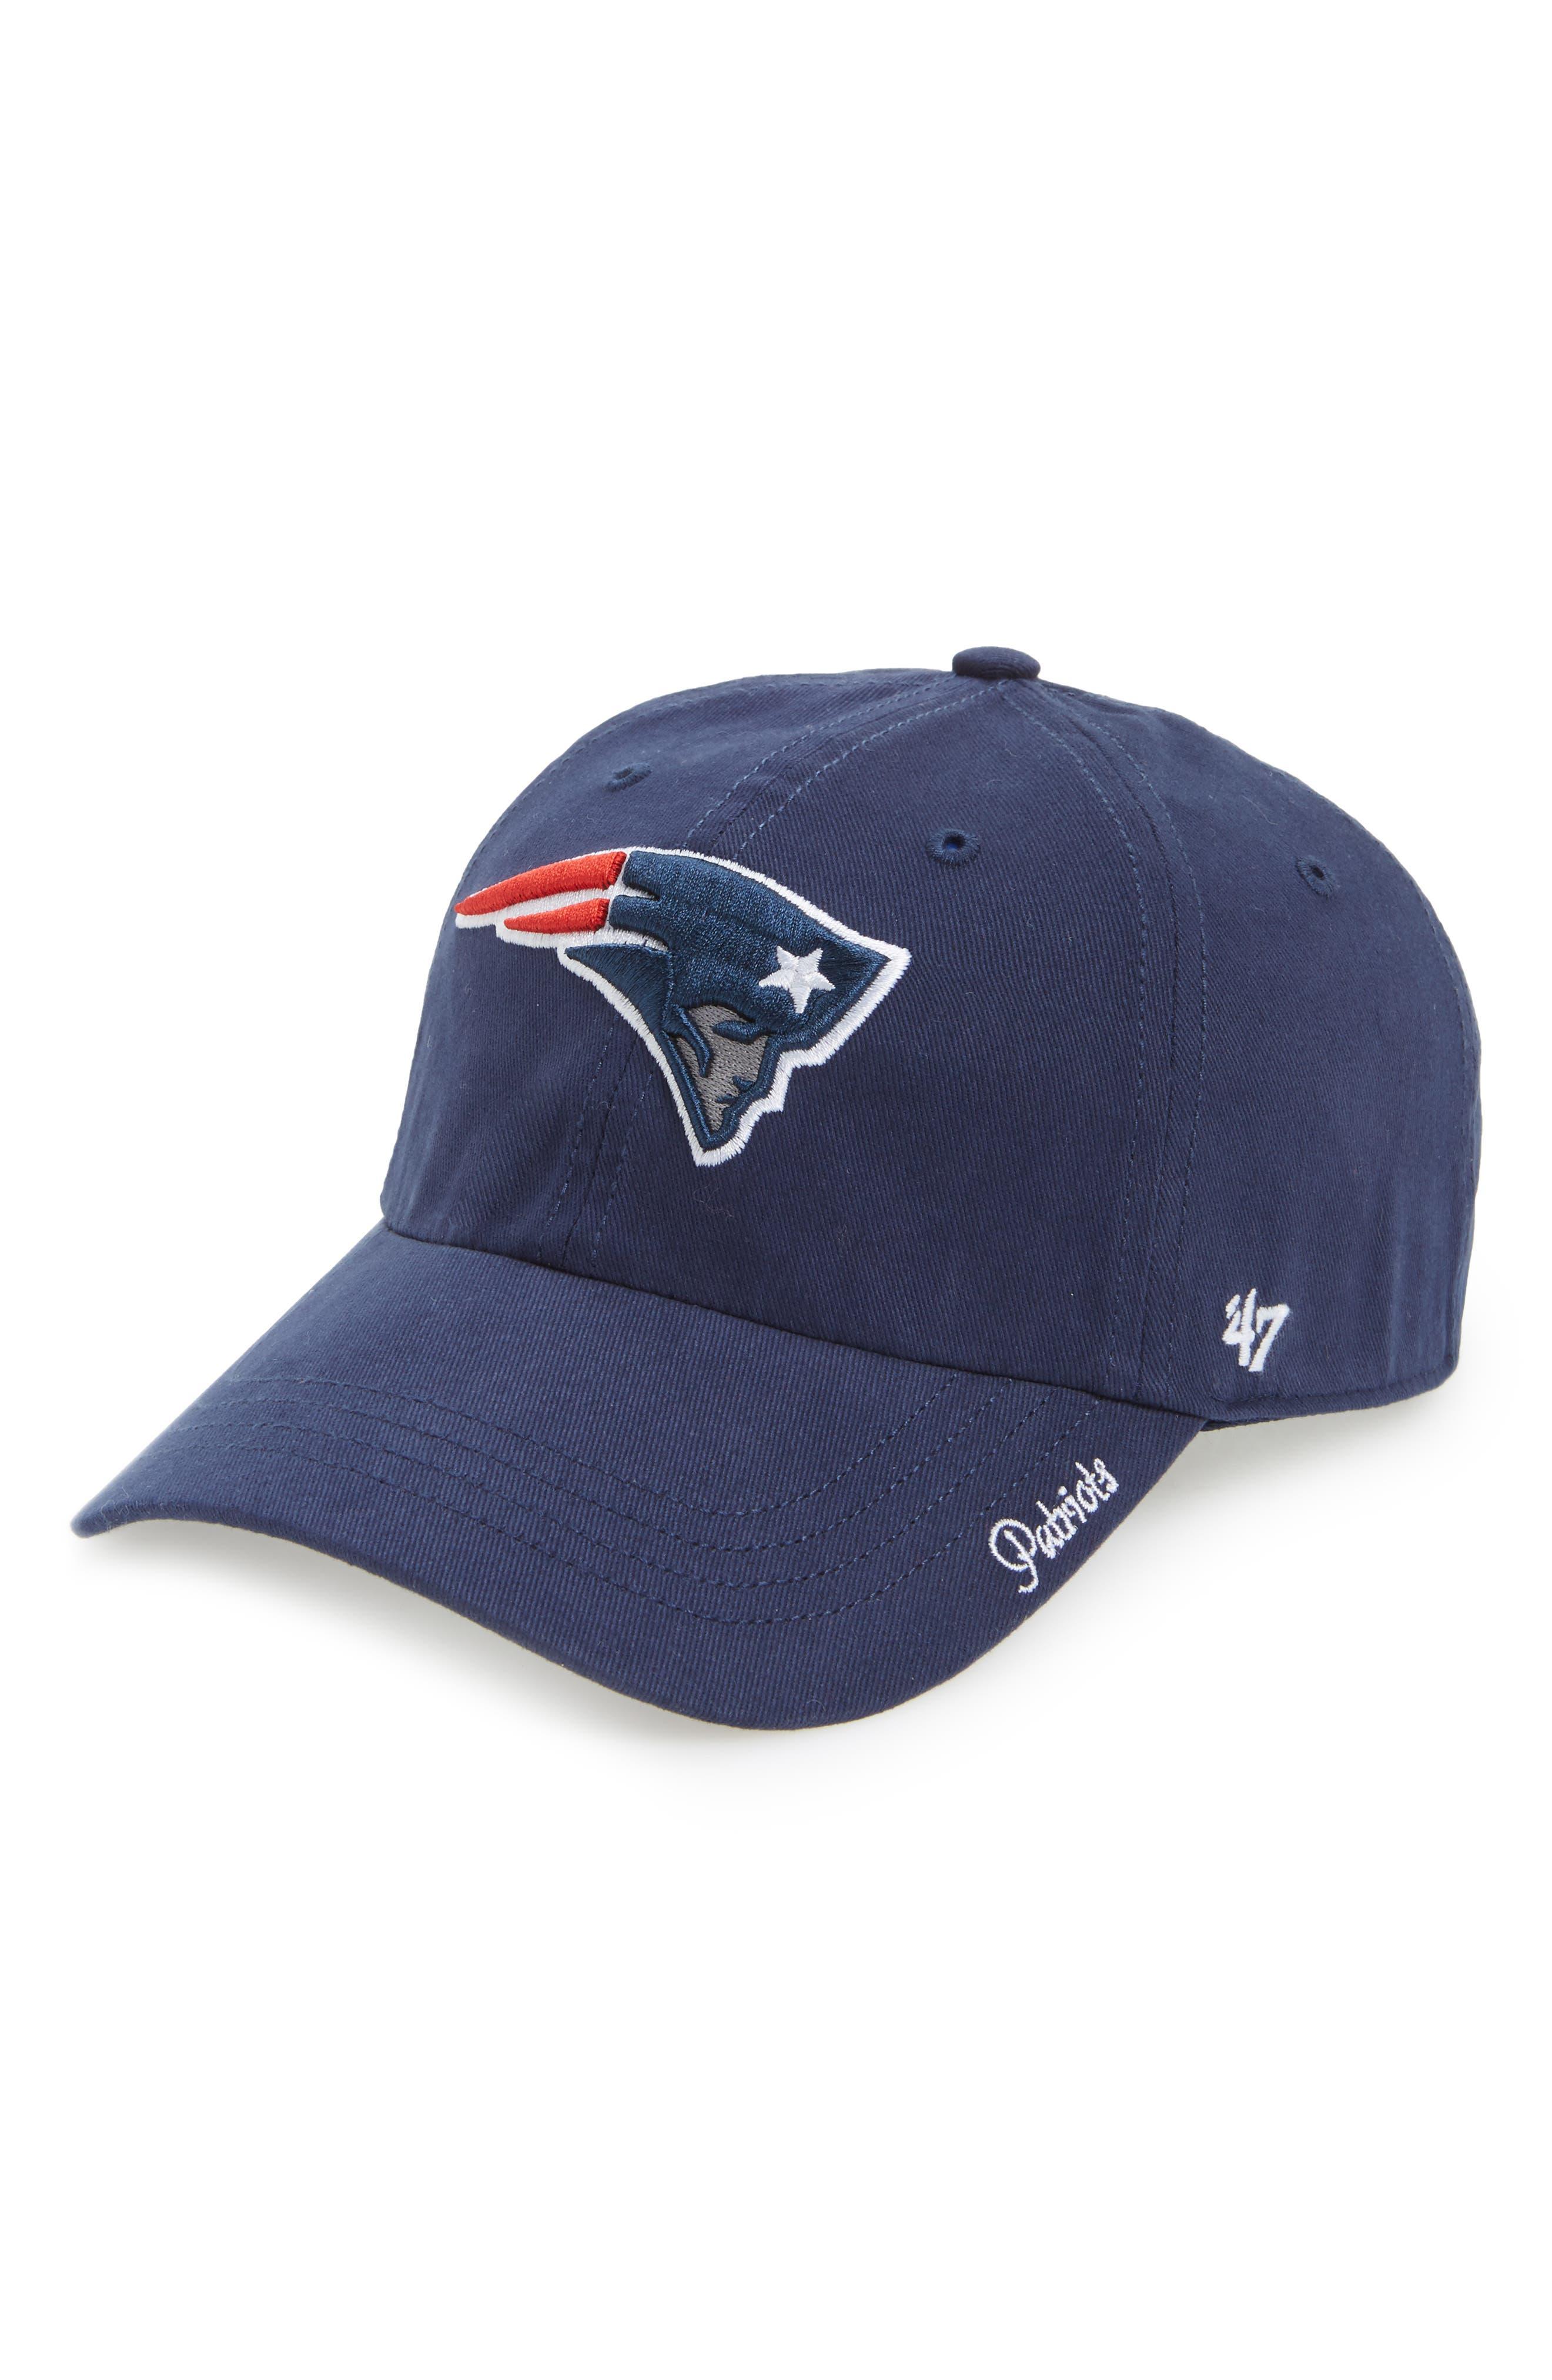 47 New England Patriots Cap